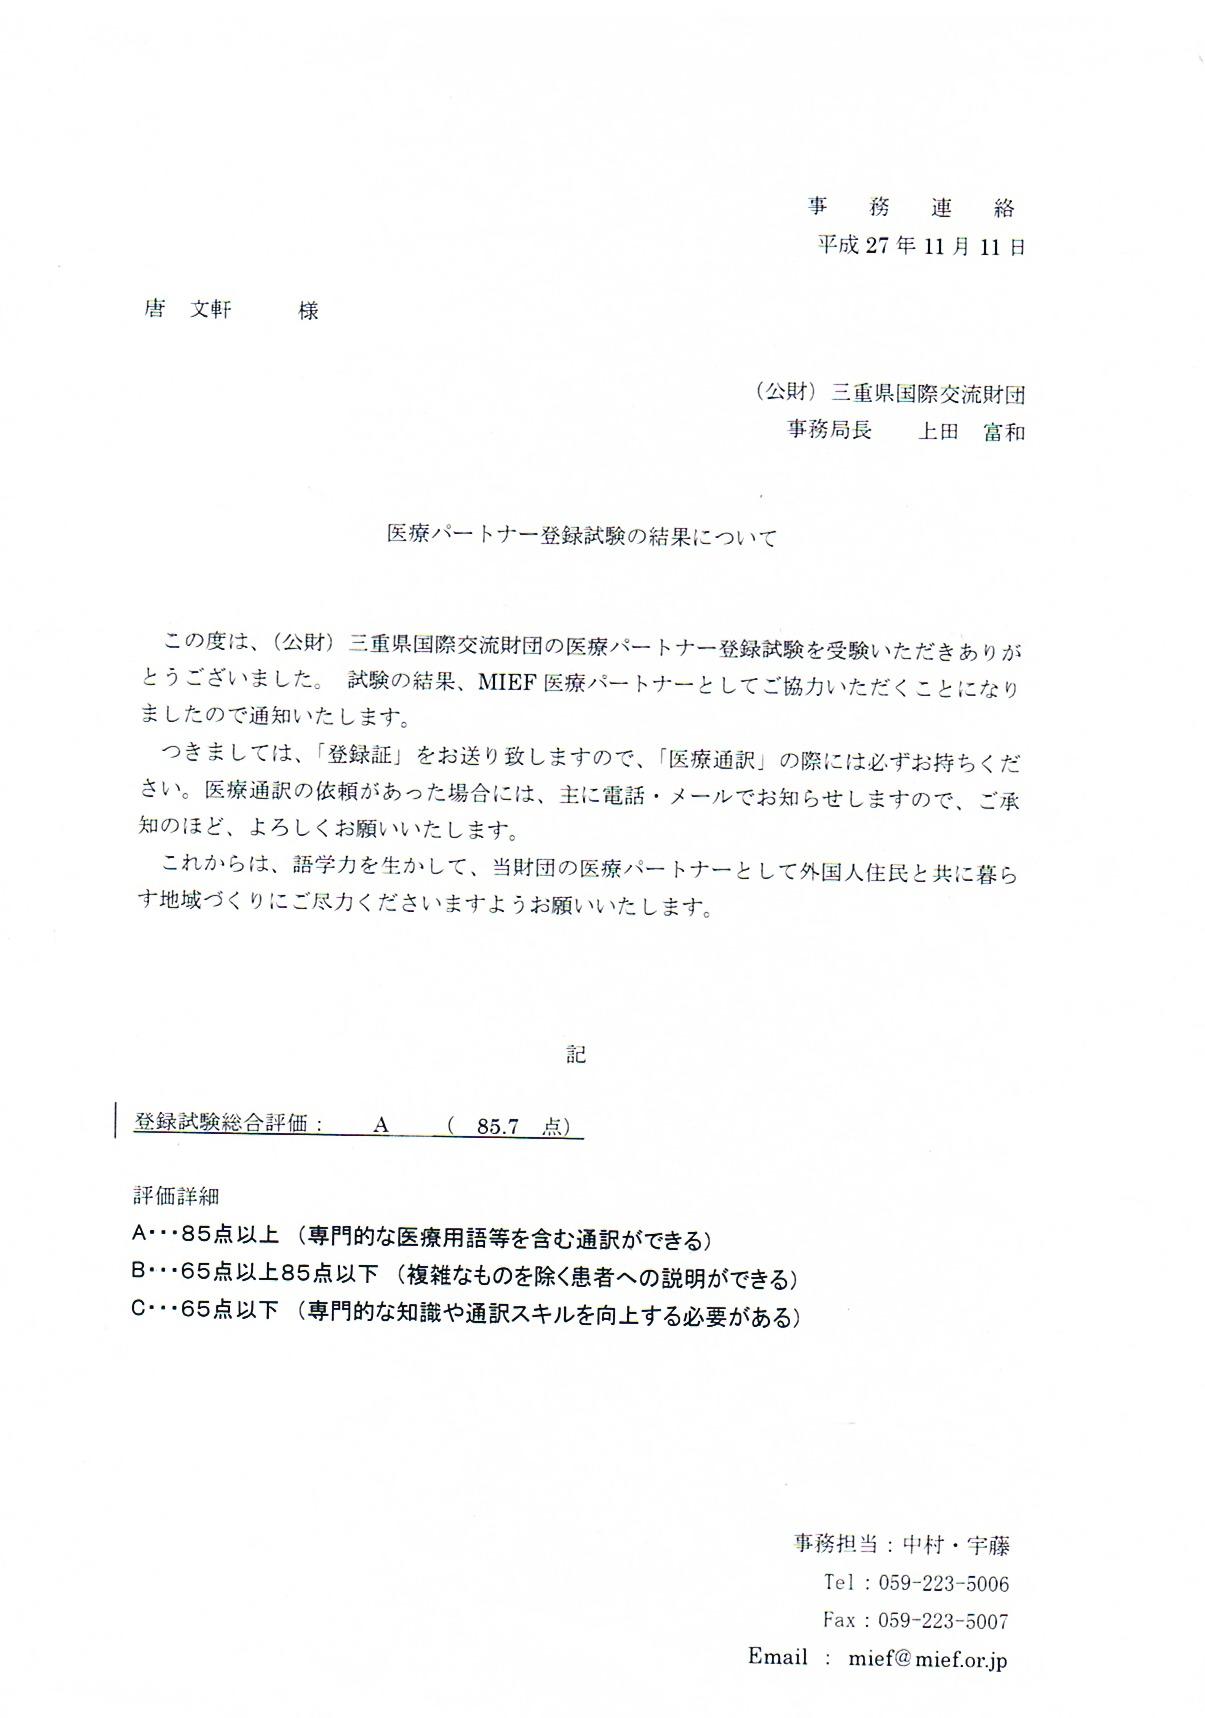 唐医療パートナー試験結果CCF20151129_00000